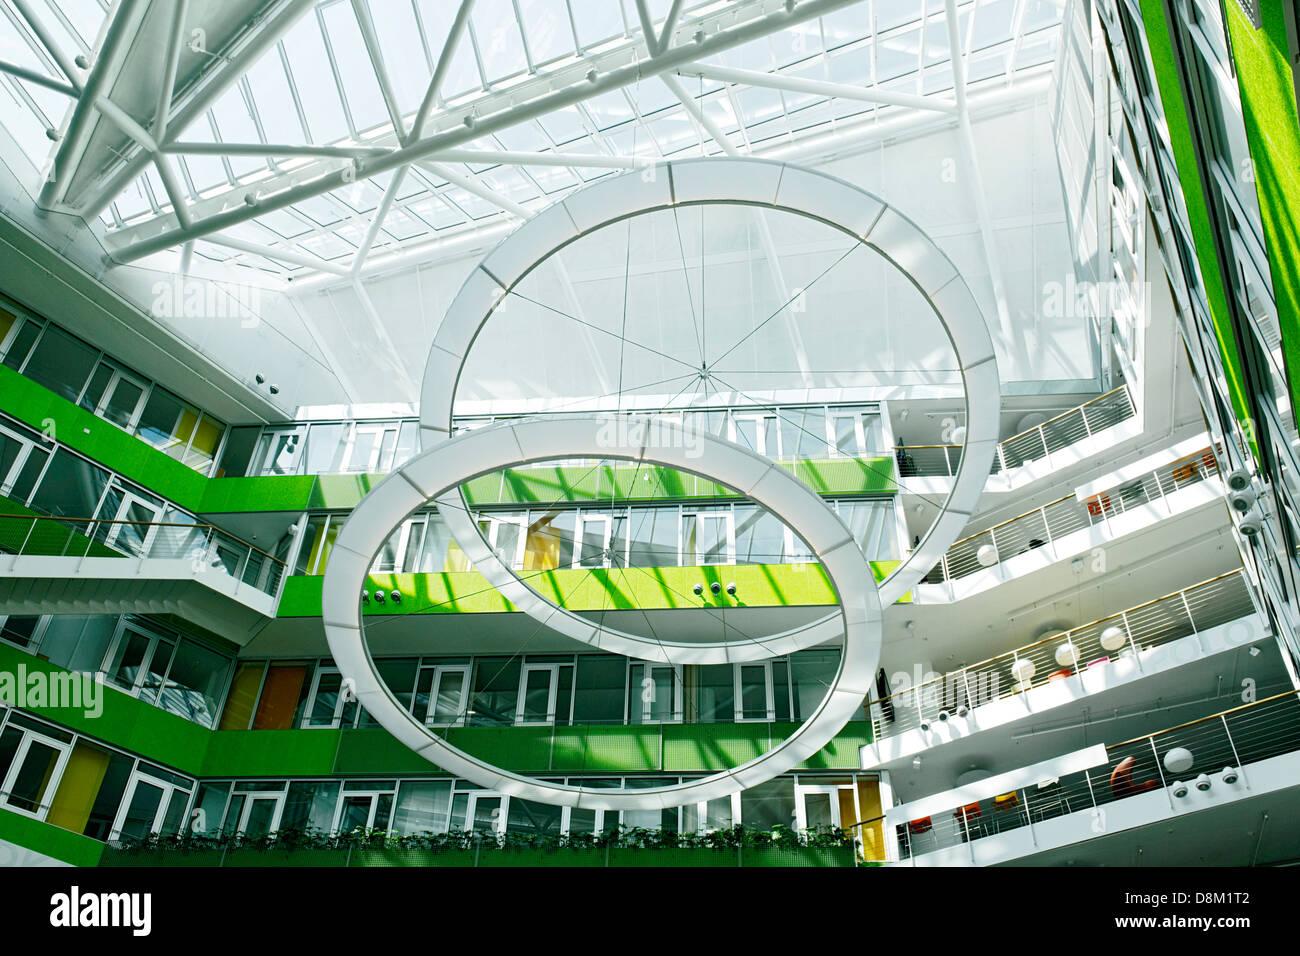 Unilever Germany headquarters, Hamburg, Germany - Stock Image